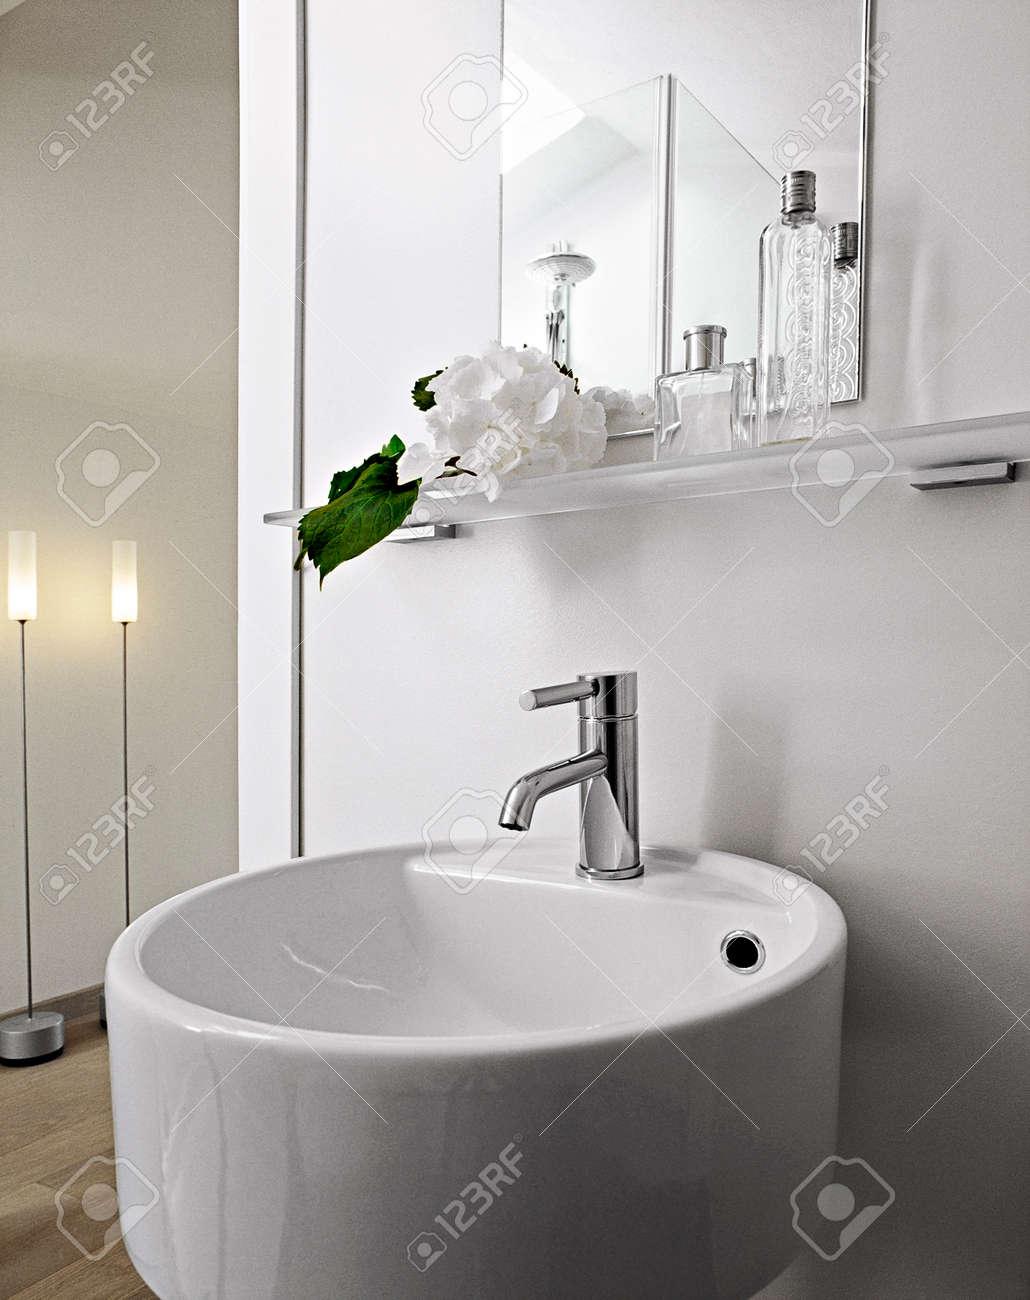 Detial Aus Stahl Wasserhahn Für Weißen Runden Waschbecken In Einem ...